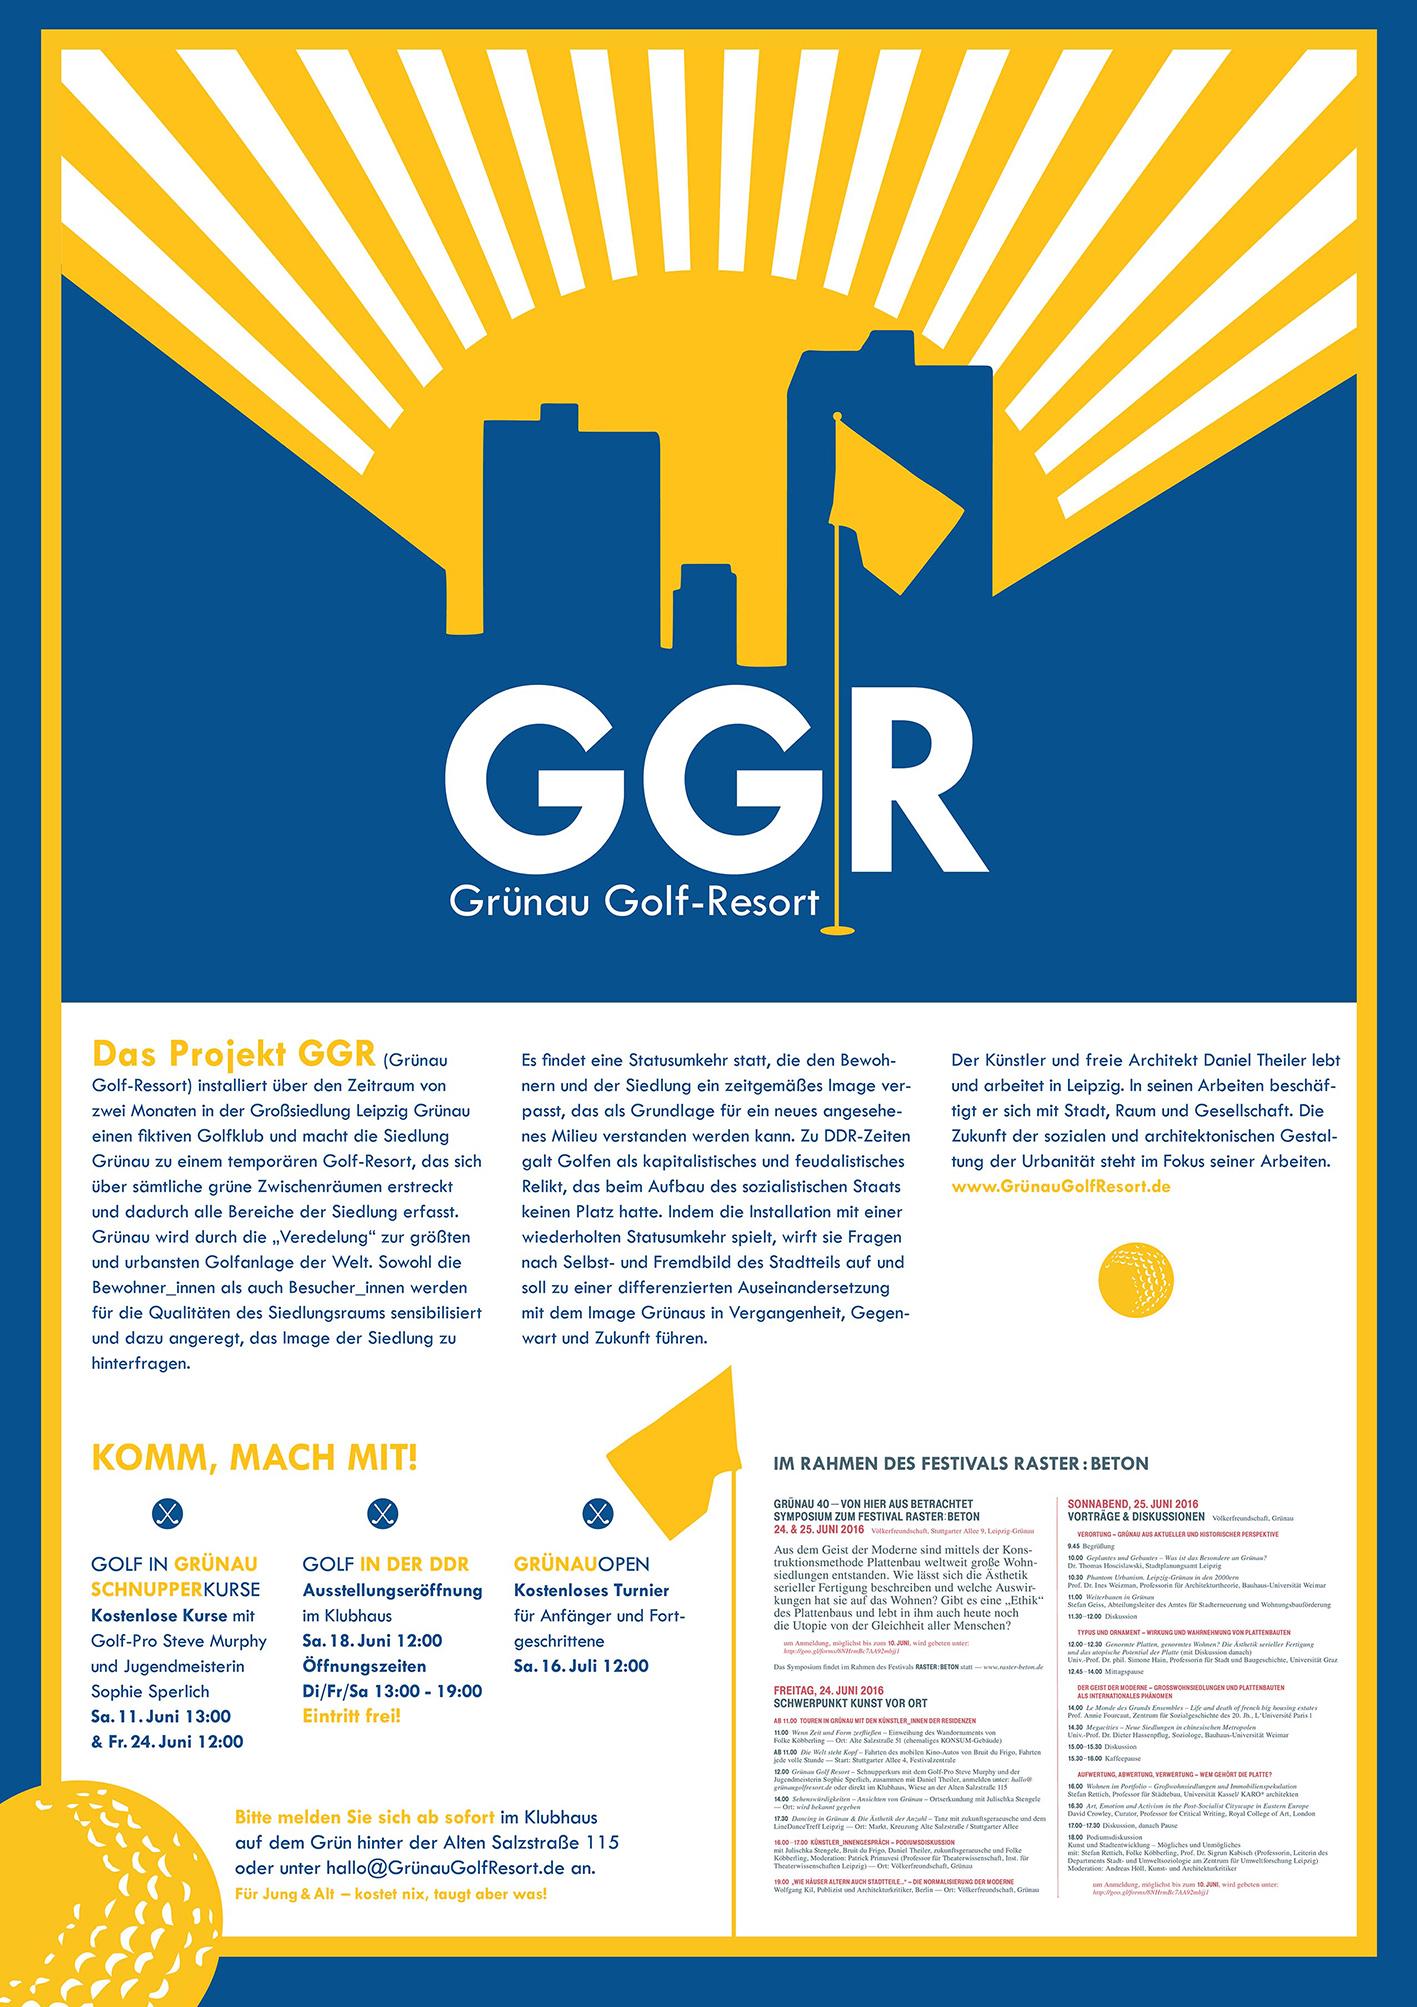 GGR_Poster_web_kl